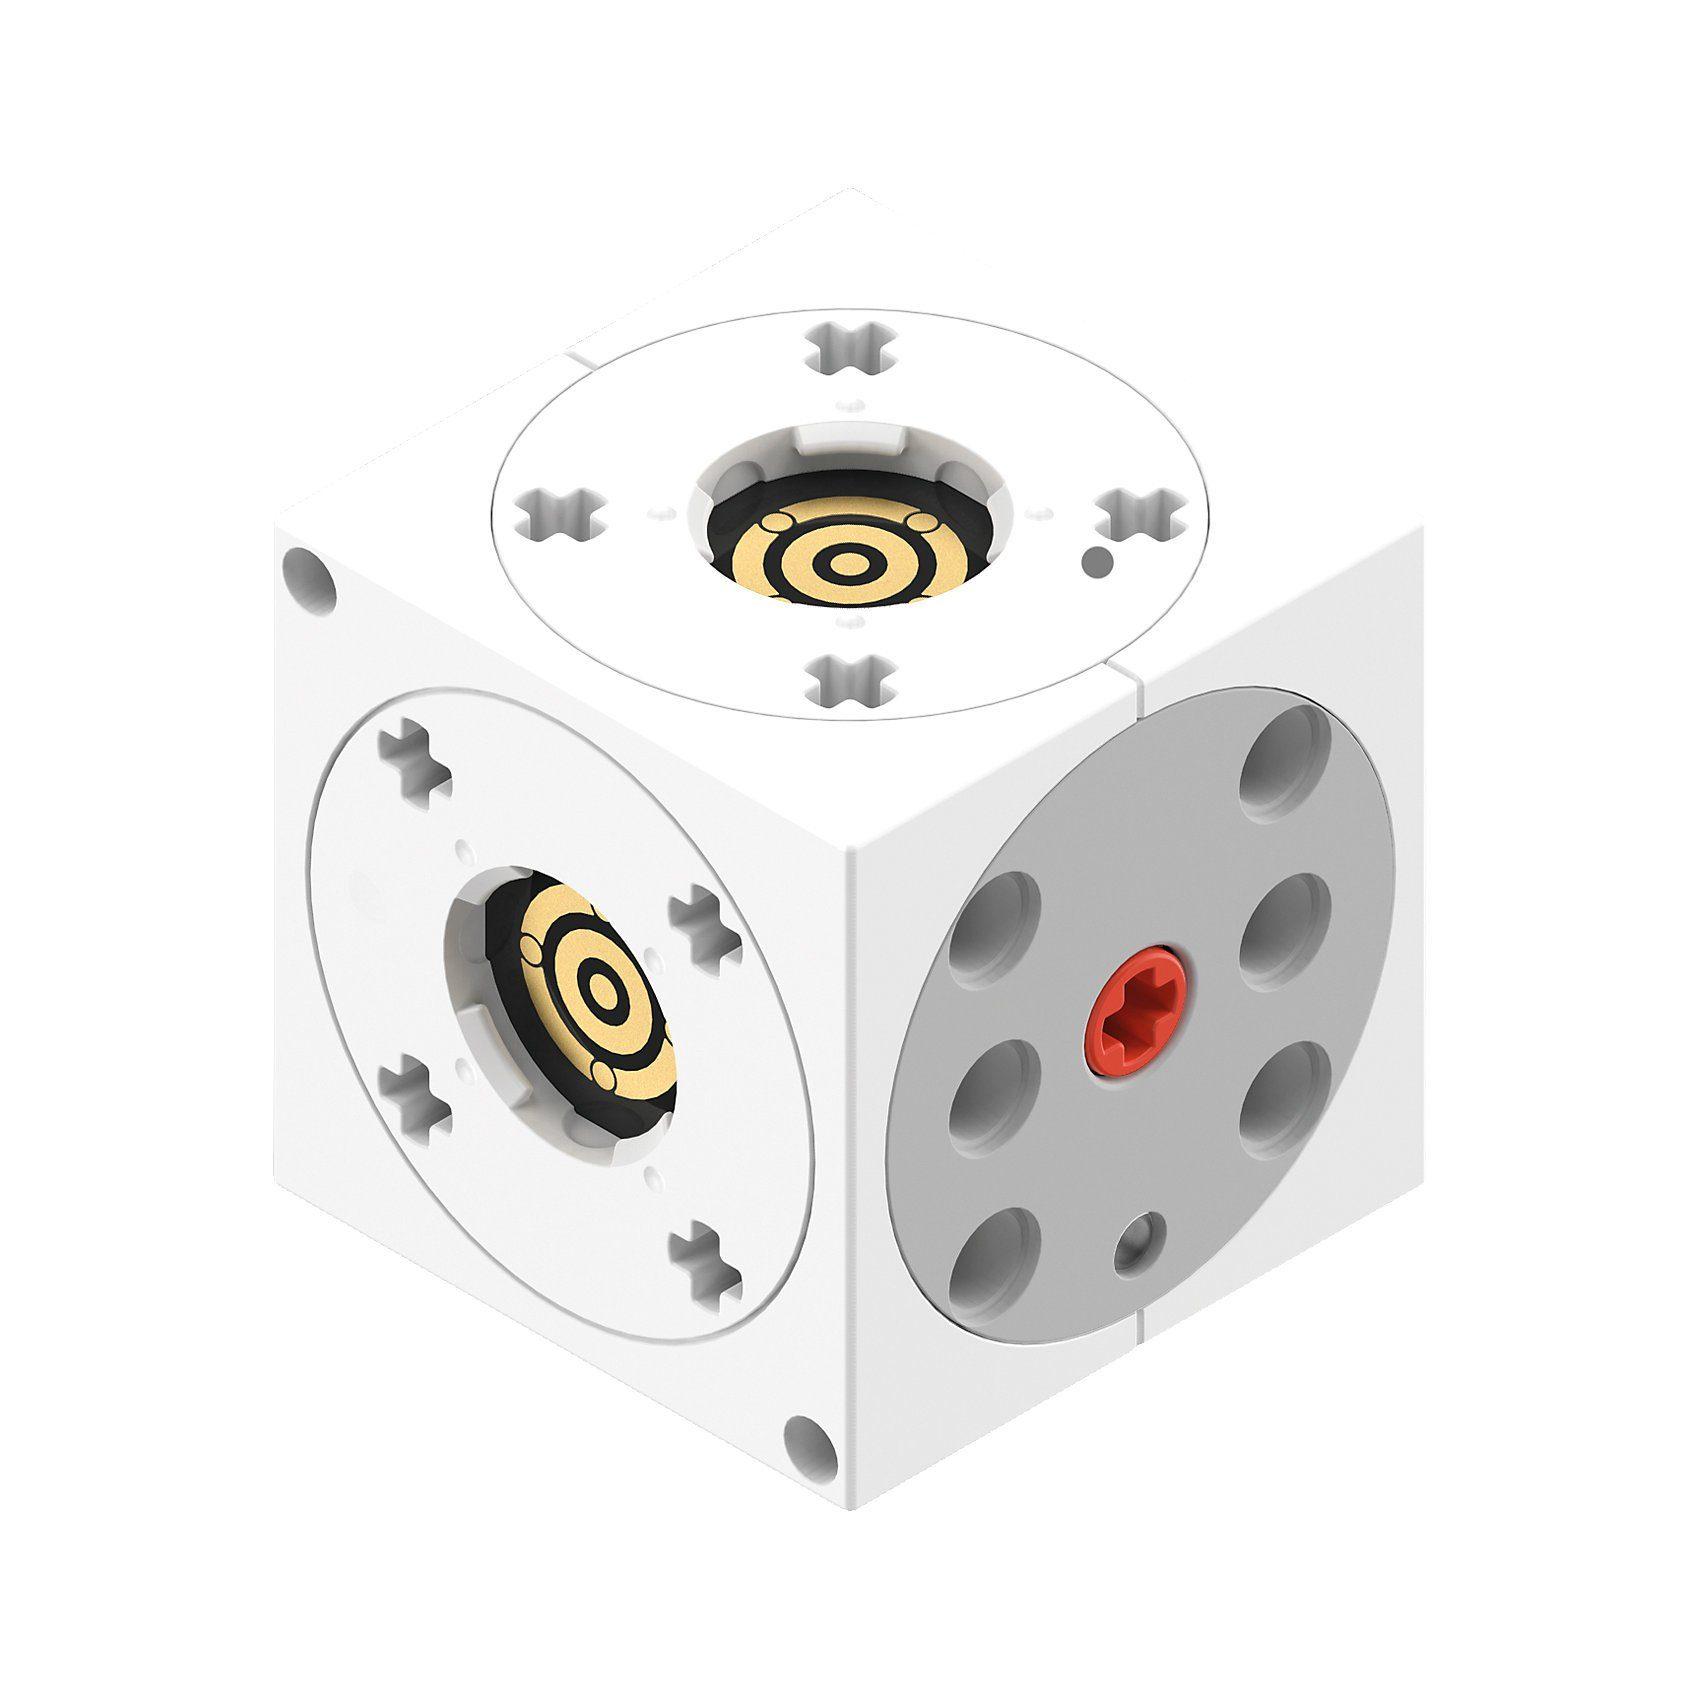 Tinkerbots Robotics Cube